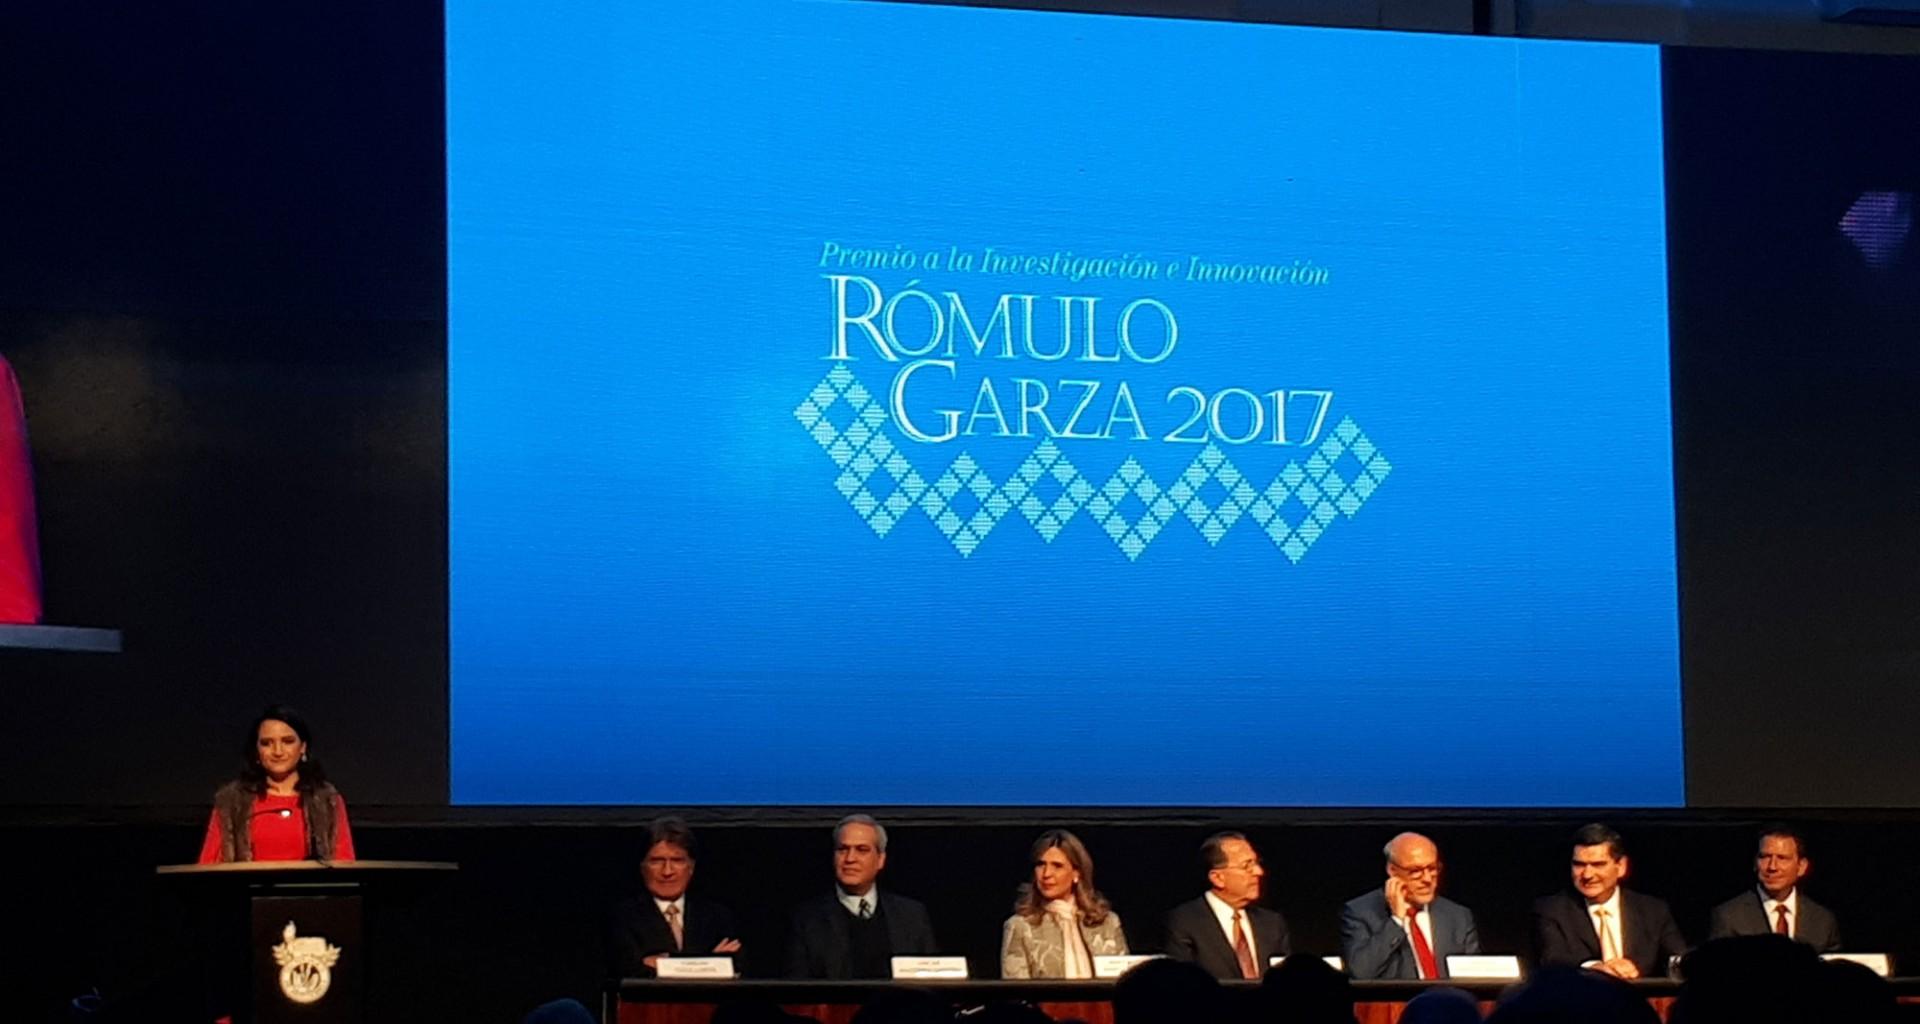 Resultado de imagen para LOGO DEL Premio Rómulo Garza 2017